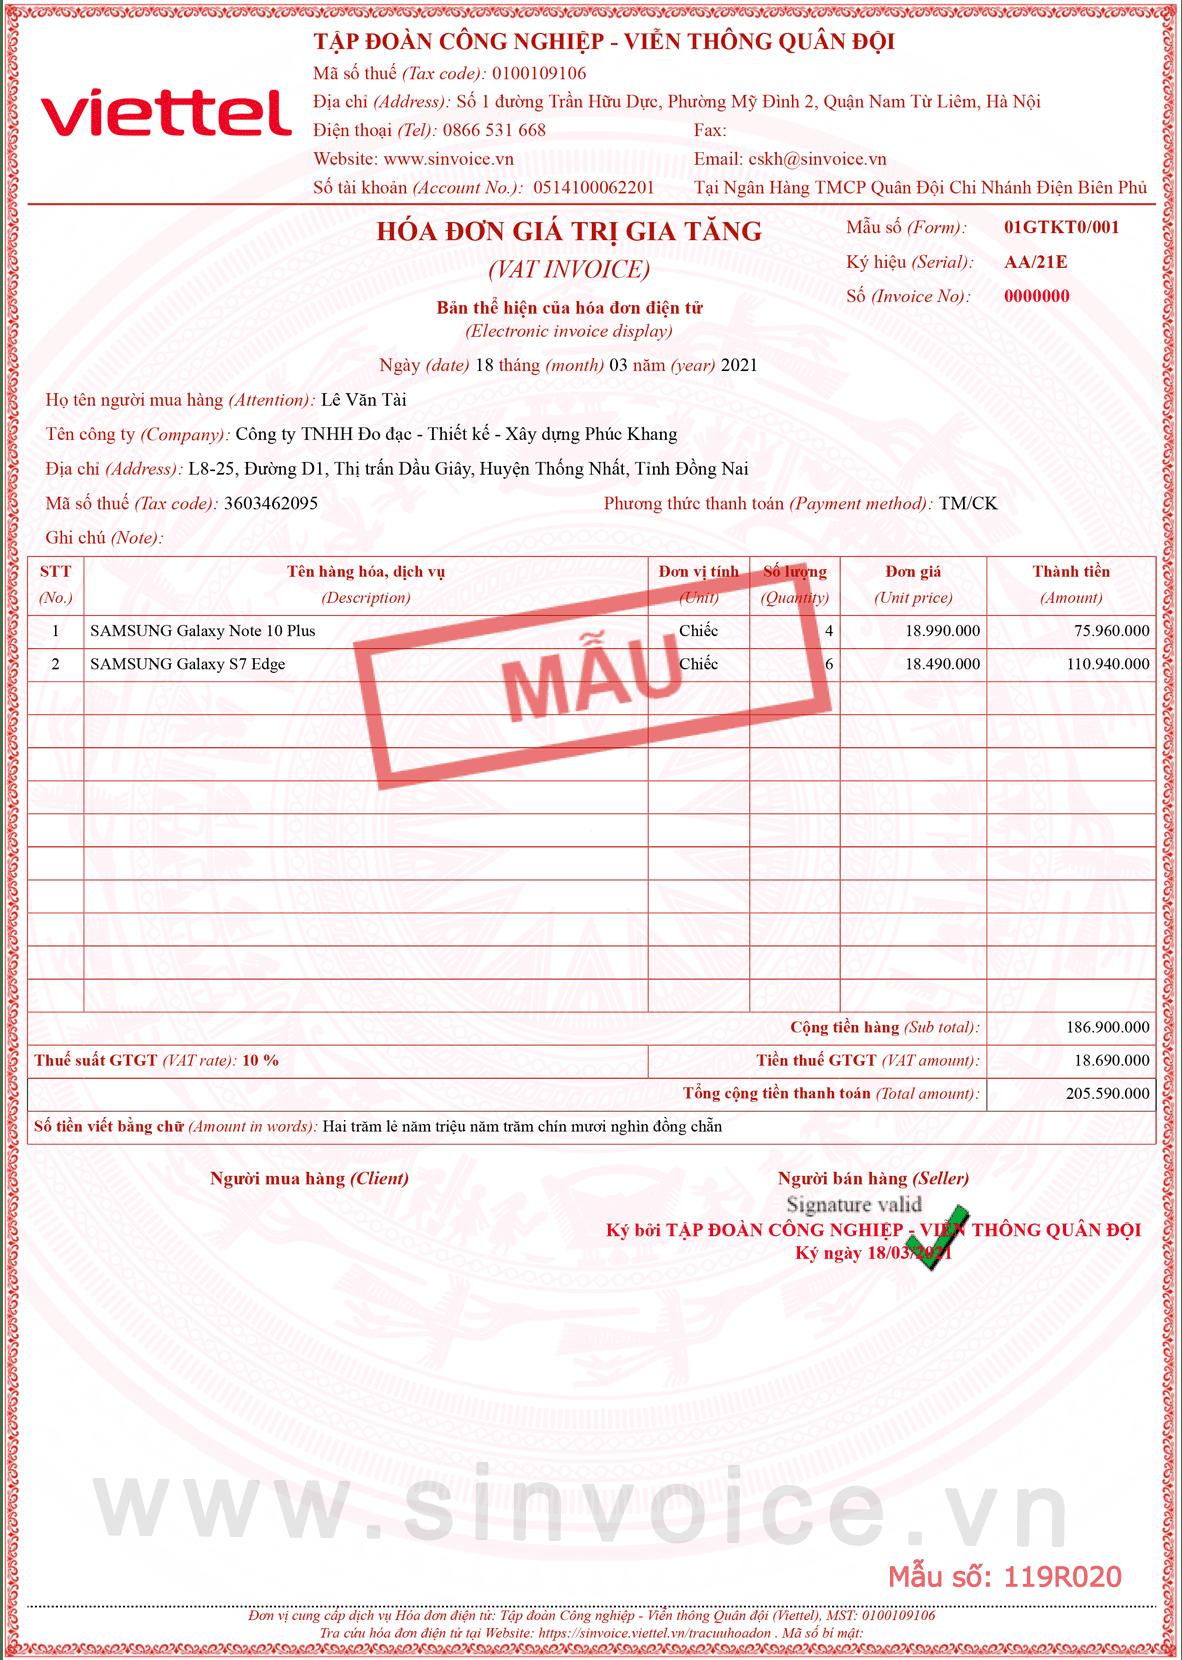 Mẫu hóa đơn điện tử số 119R020